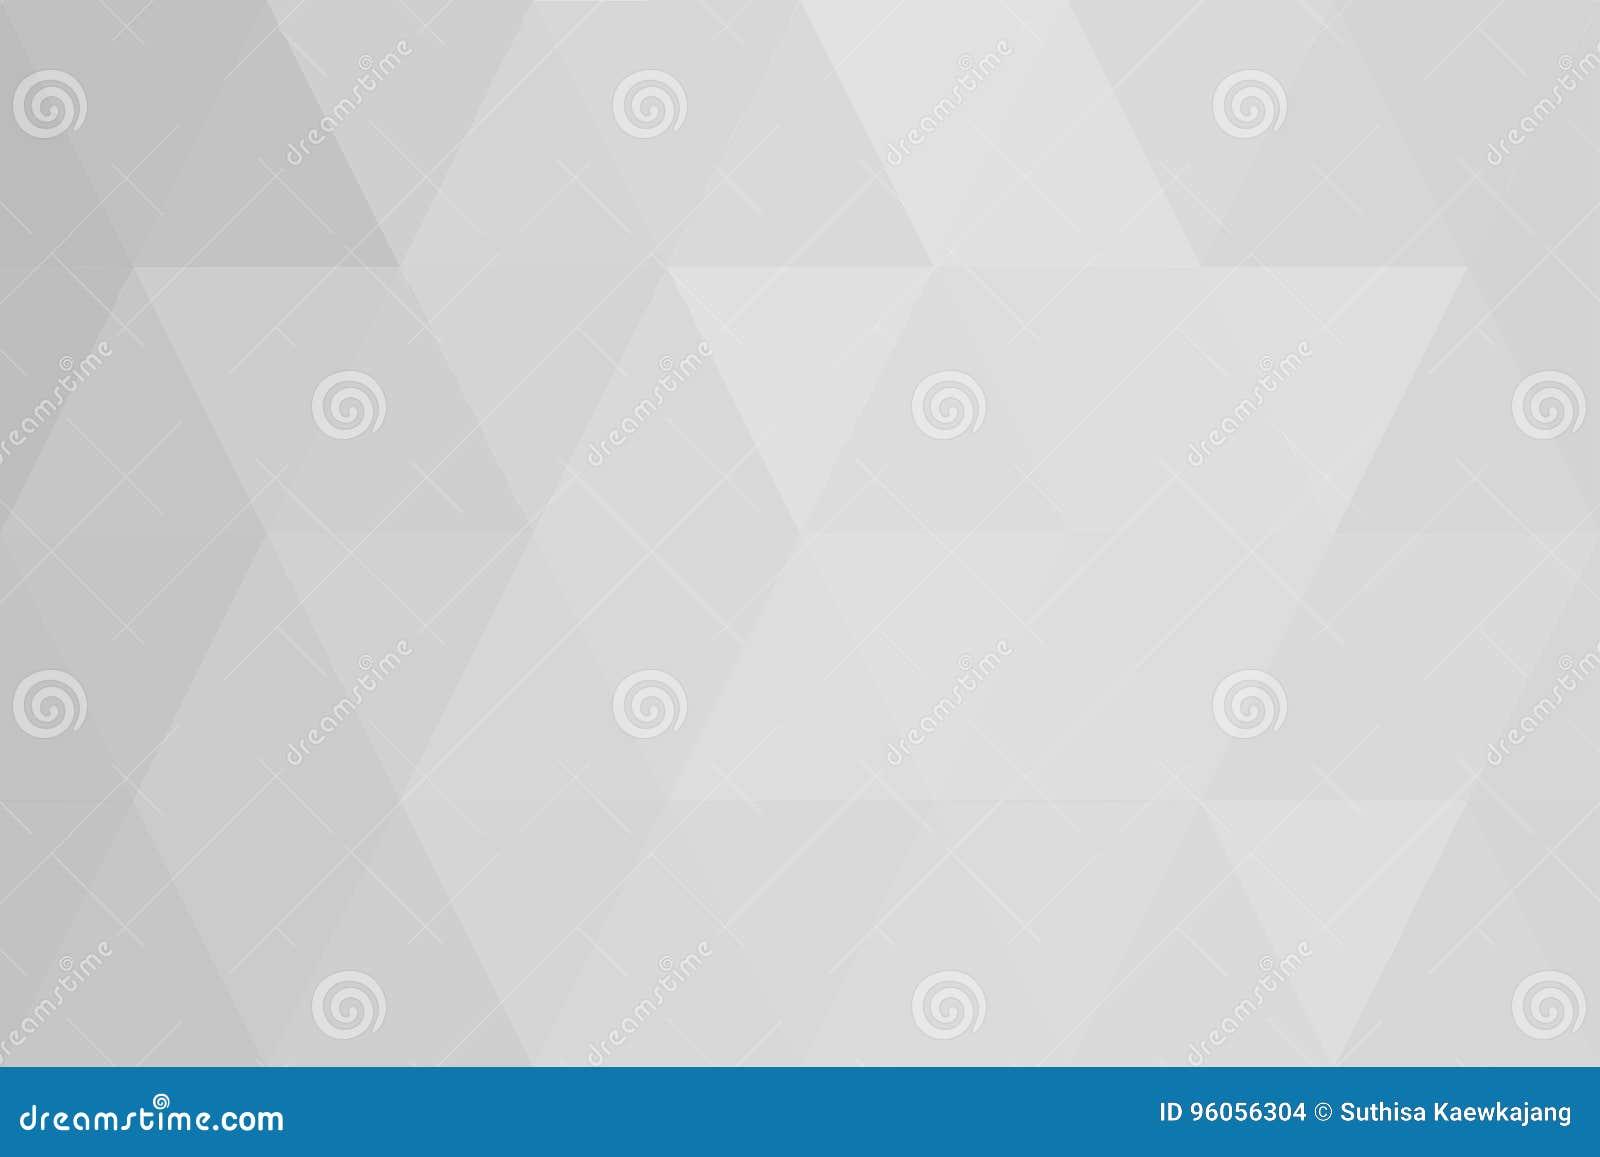 Gradient blanc de triangles abstraites pour le fond styl géométrique